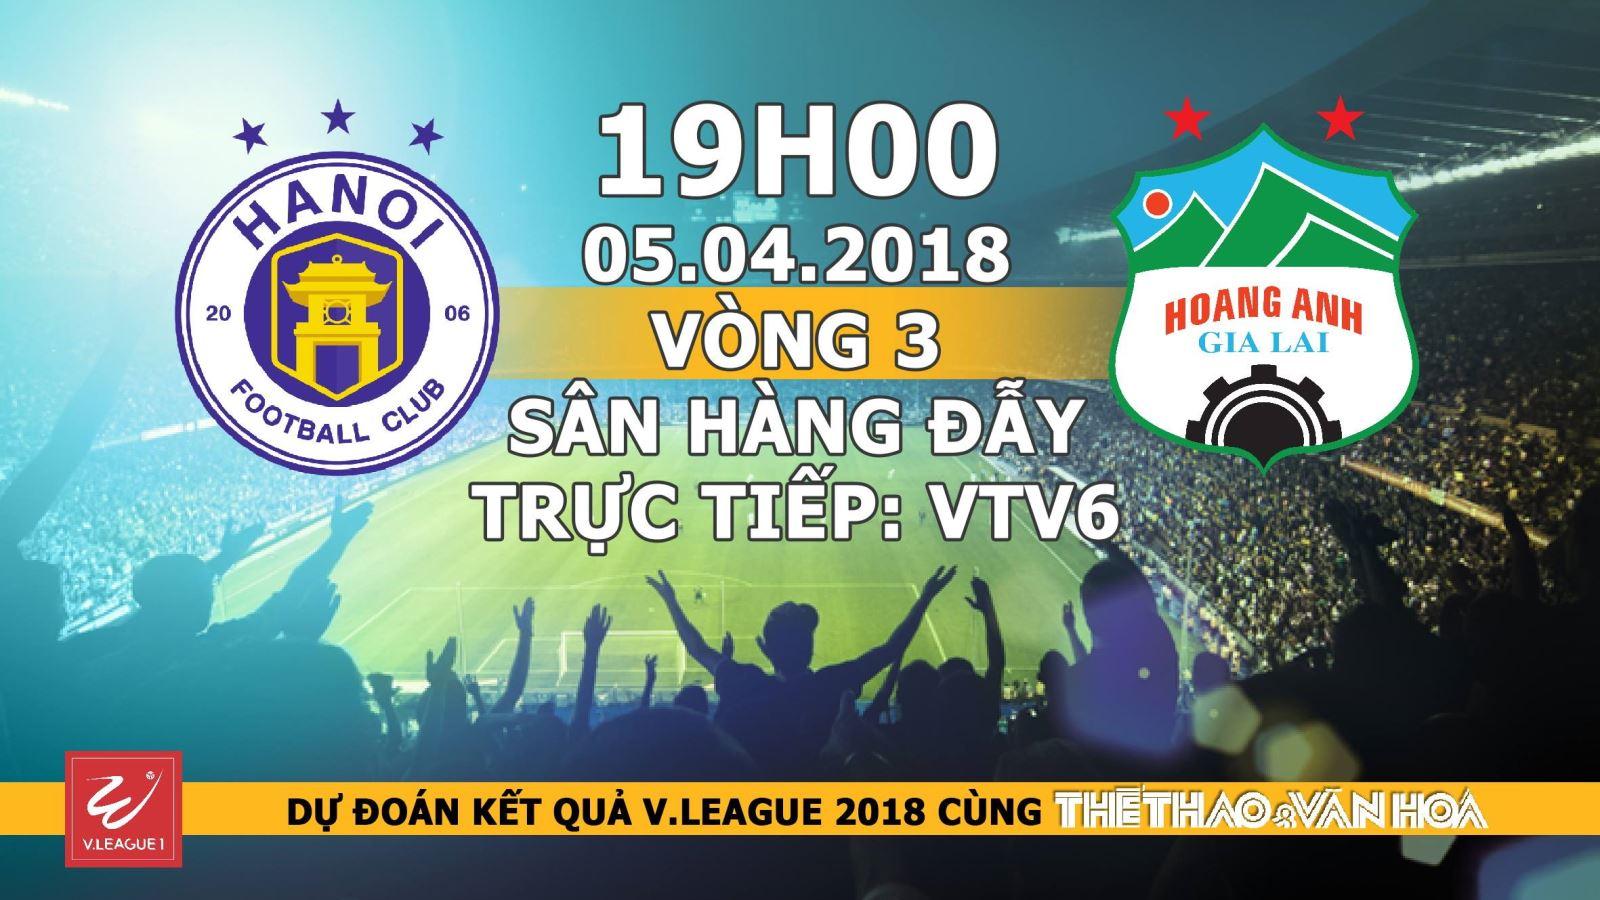 Dự đoán trận Hà Nội - HAGL và nhận chiếc áo đấu đội tuyển có chữ kí Quang Hải